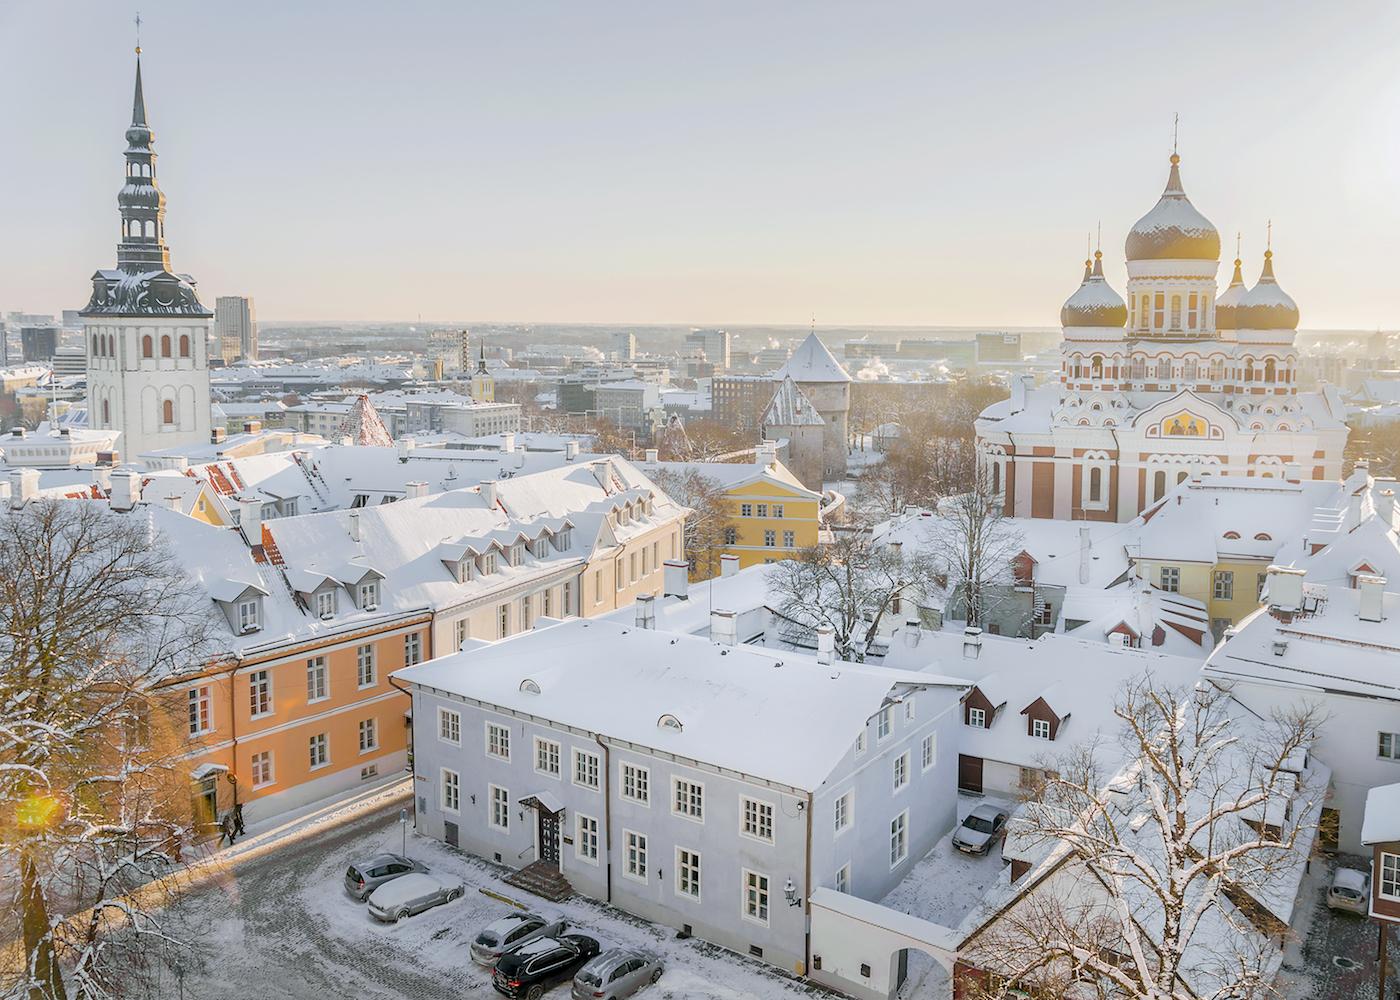 Tallinn-estonia-shutterstock.jpg